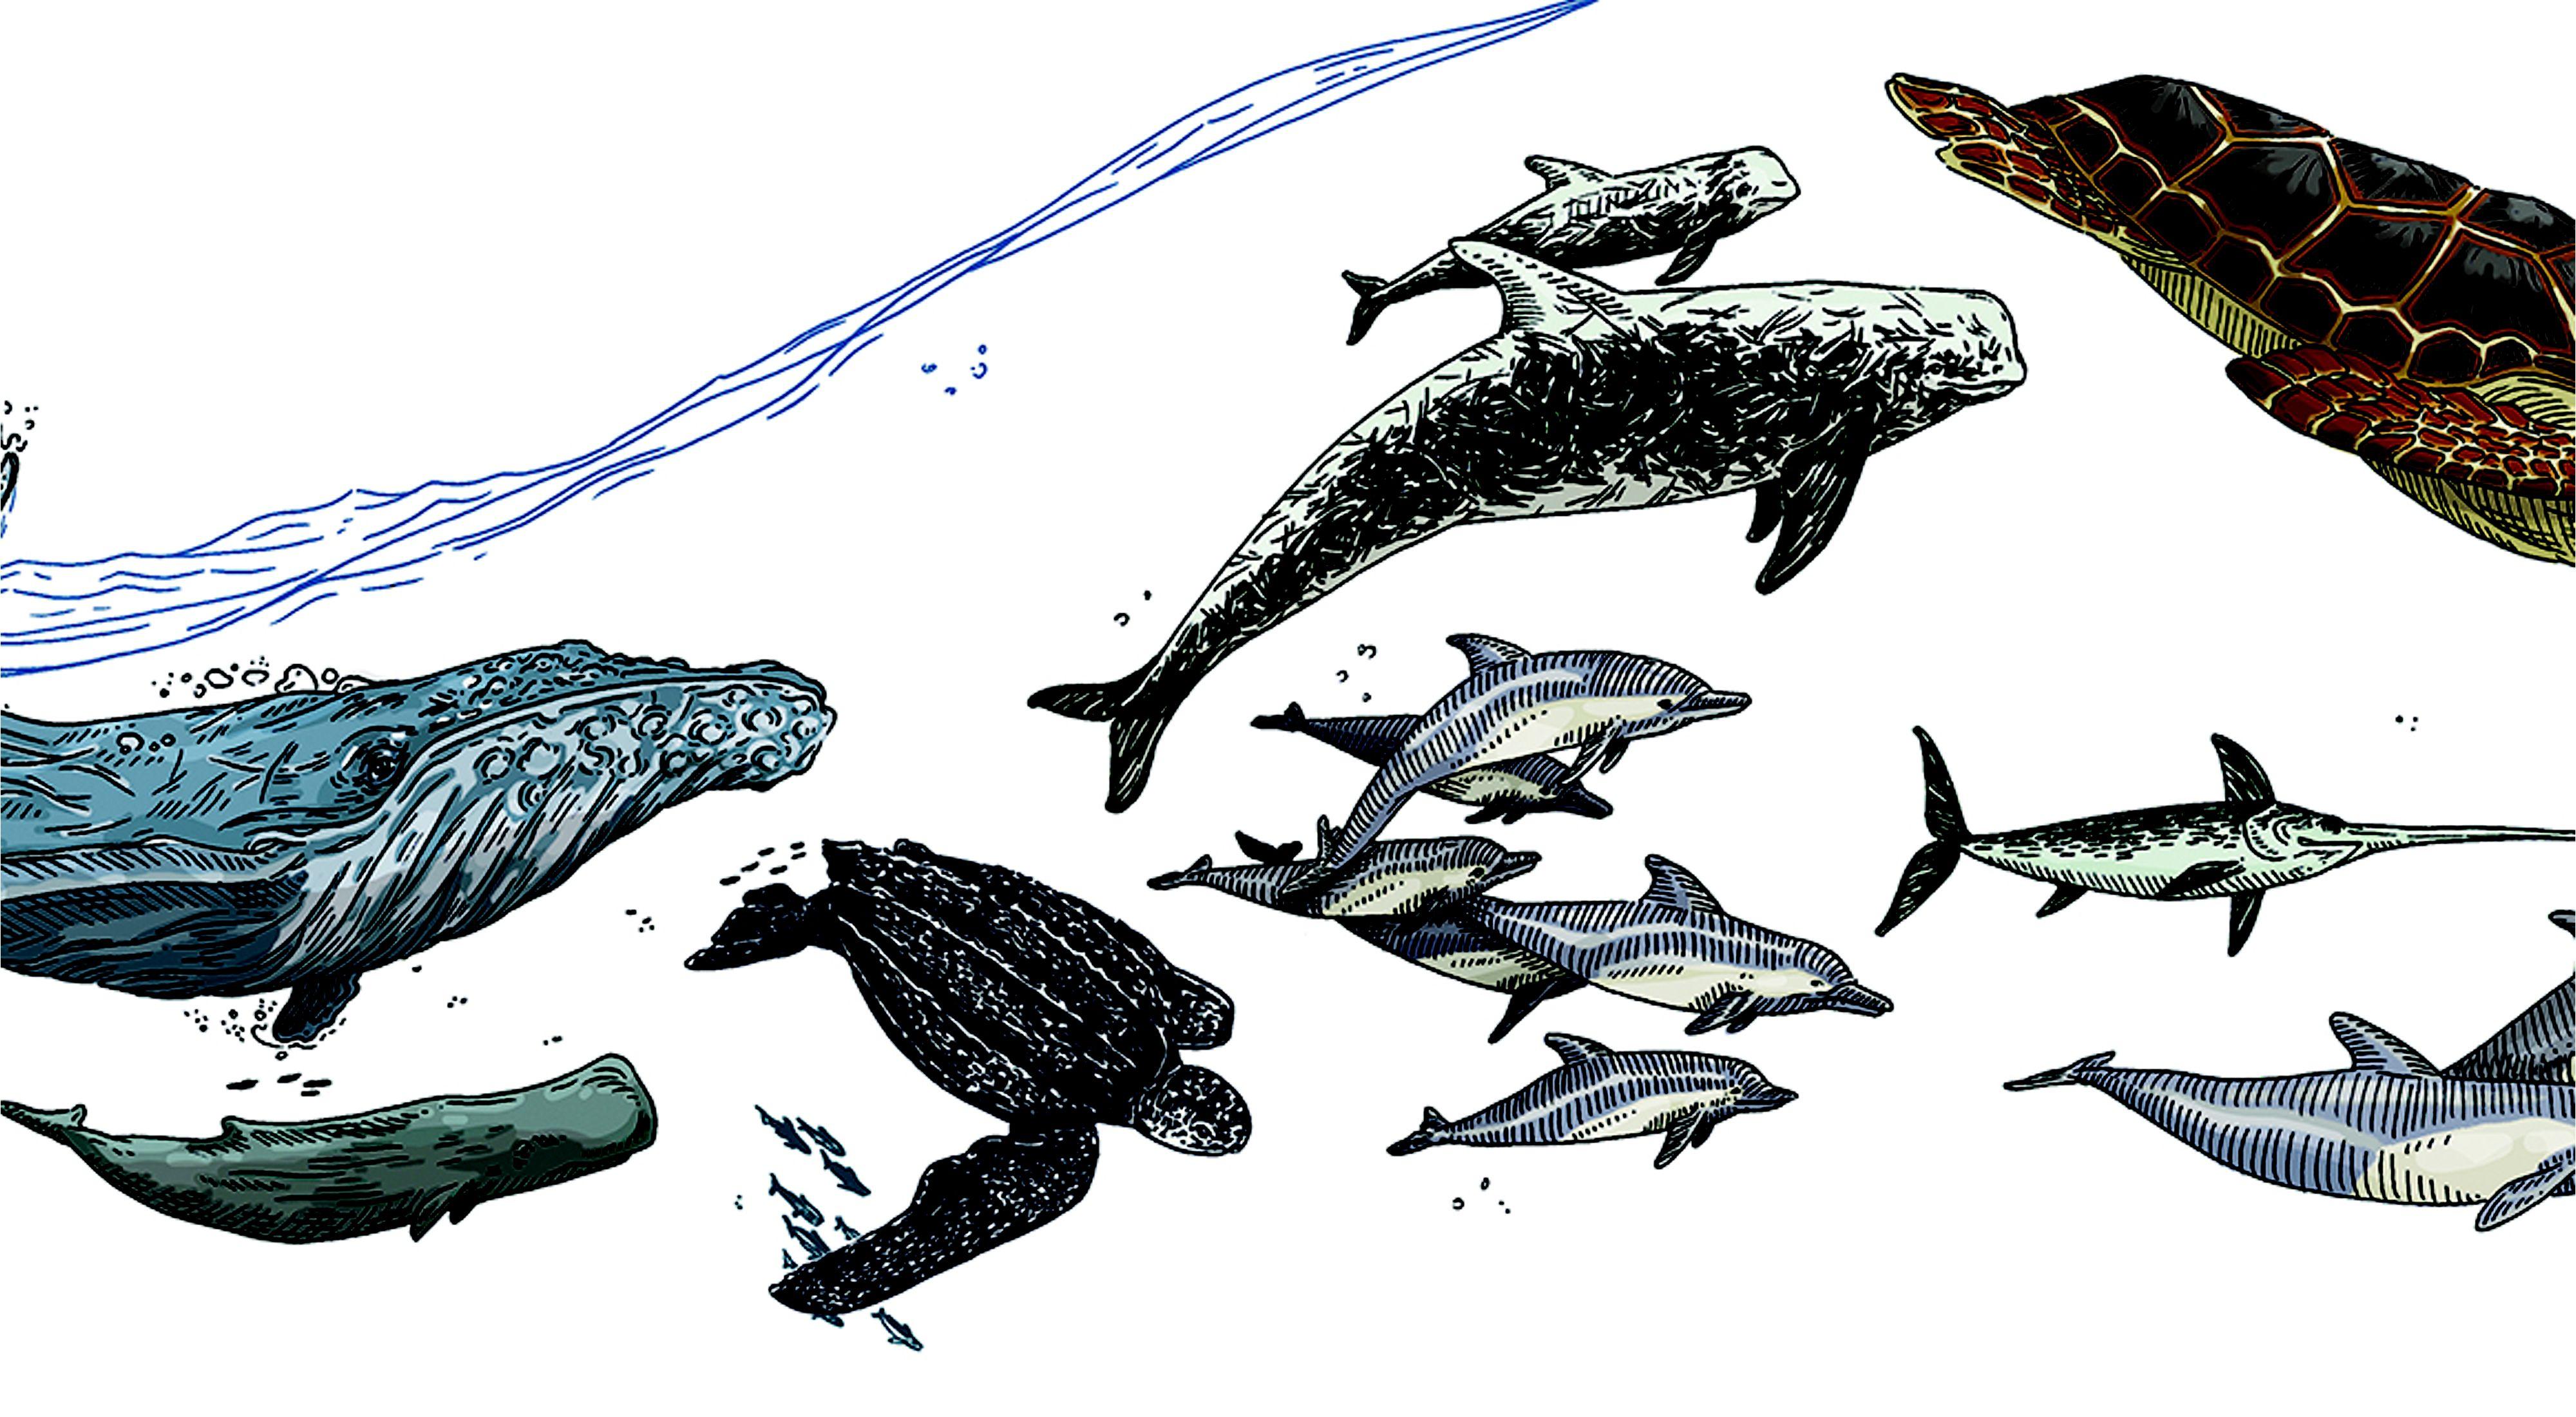 illustration for Summer 2021 magazine article on sustainable swordfish fishing